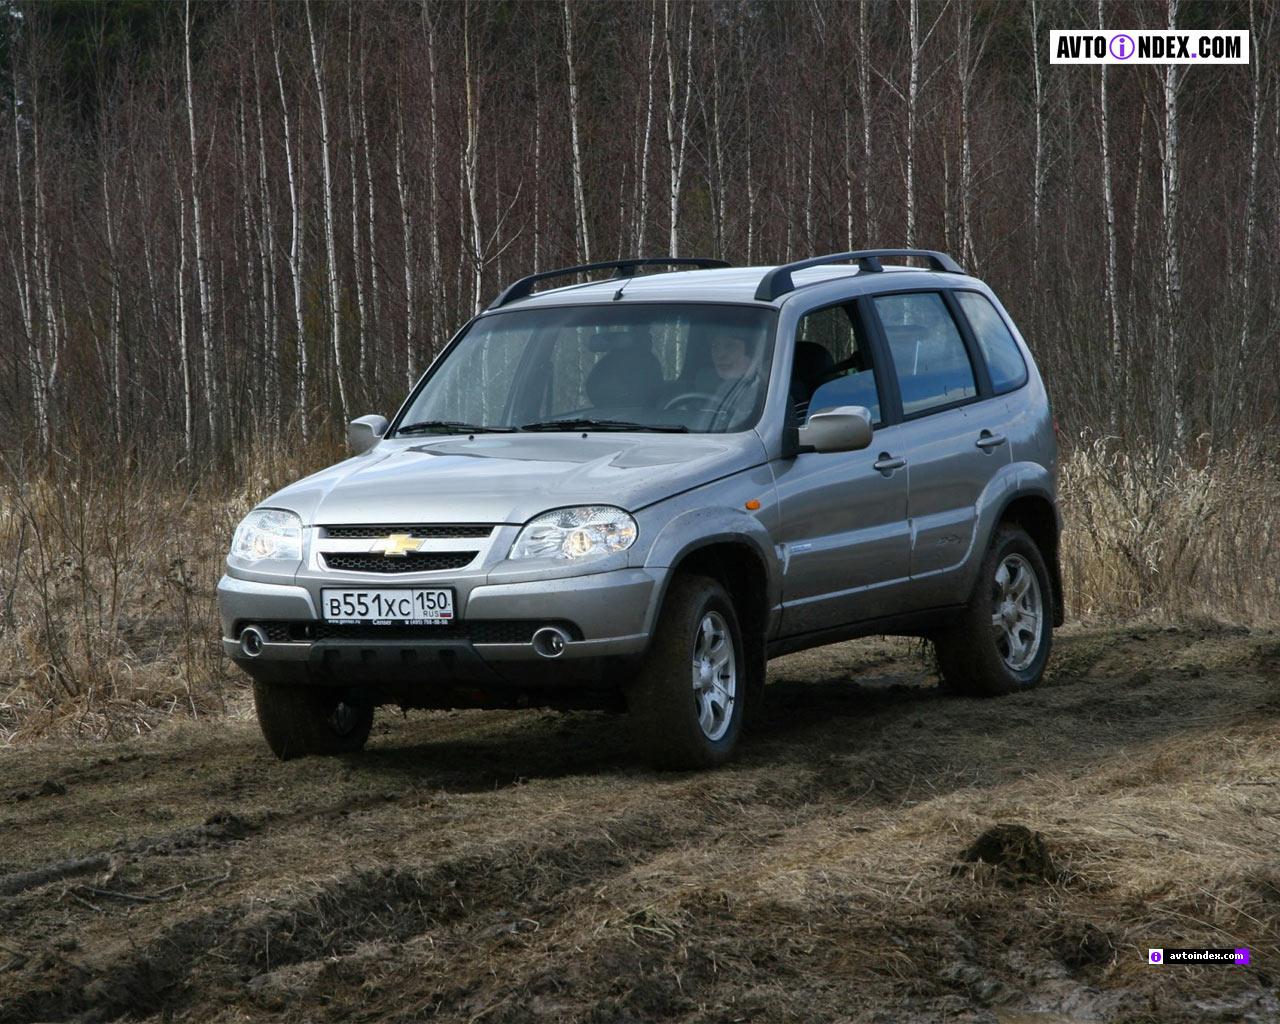 Chevrolet Niva 2009 foto - 2